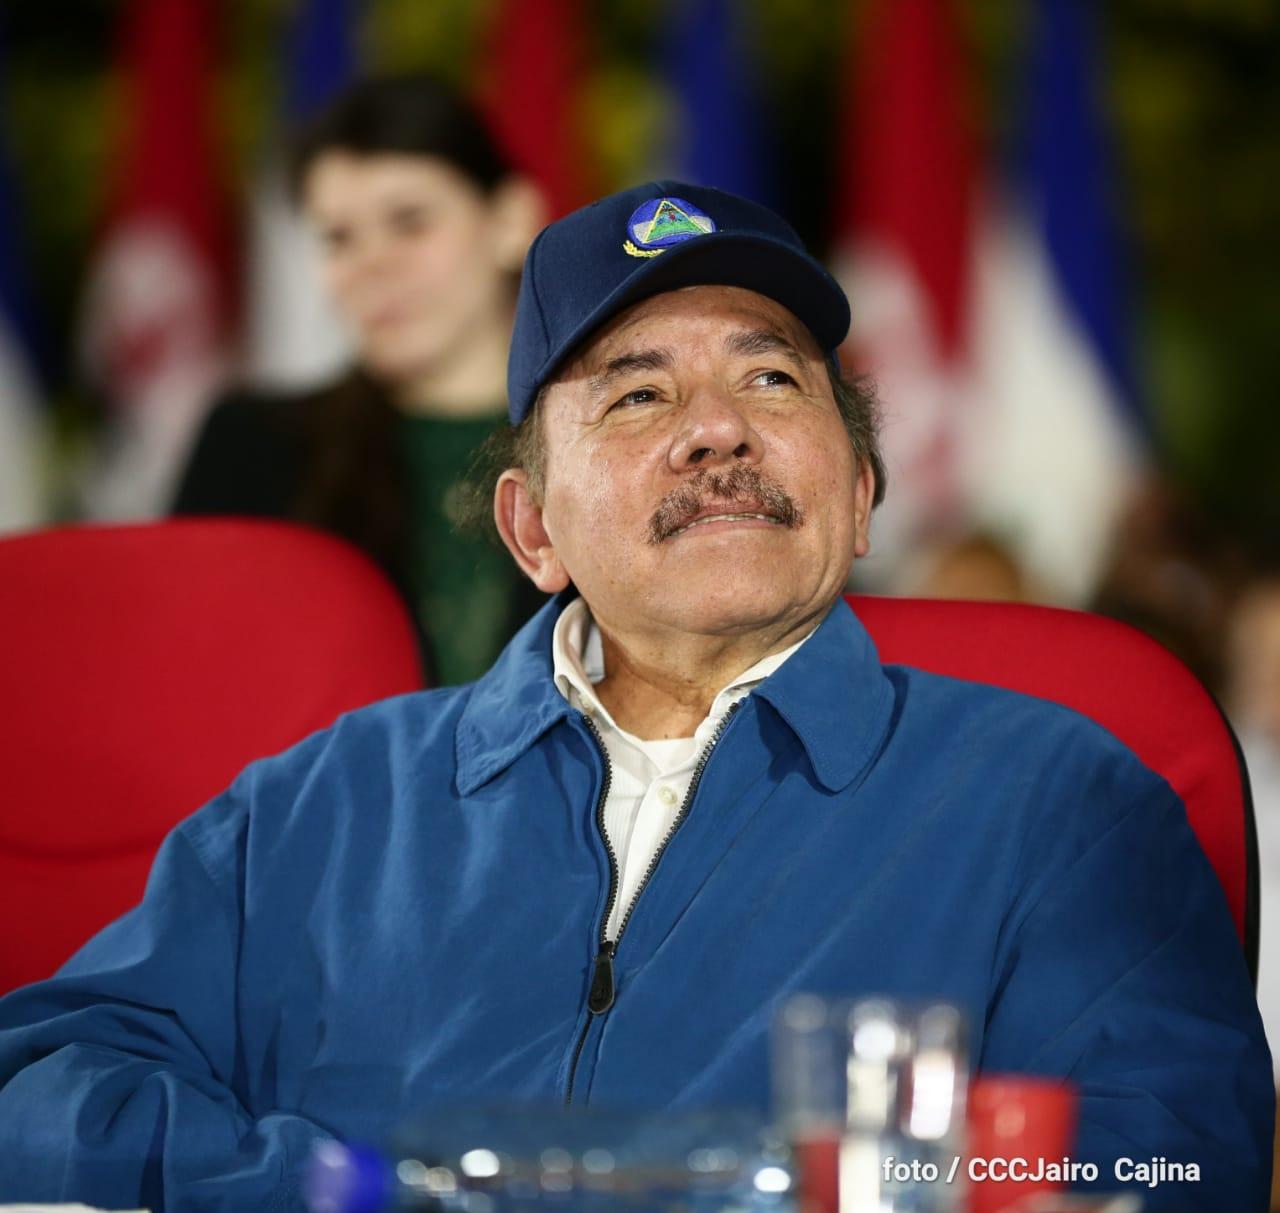 Daniel Ortega durante el acto de aniversario de muerte de Carlos Fonseca encañonó a los empresarios privados, sus exaliados